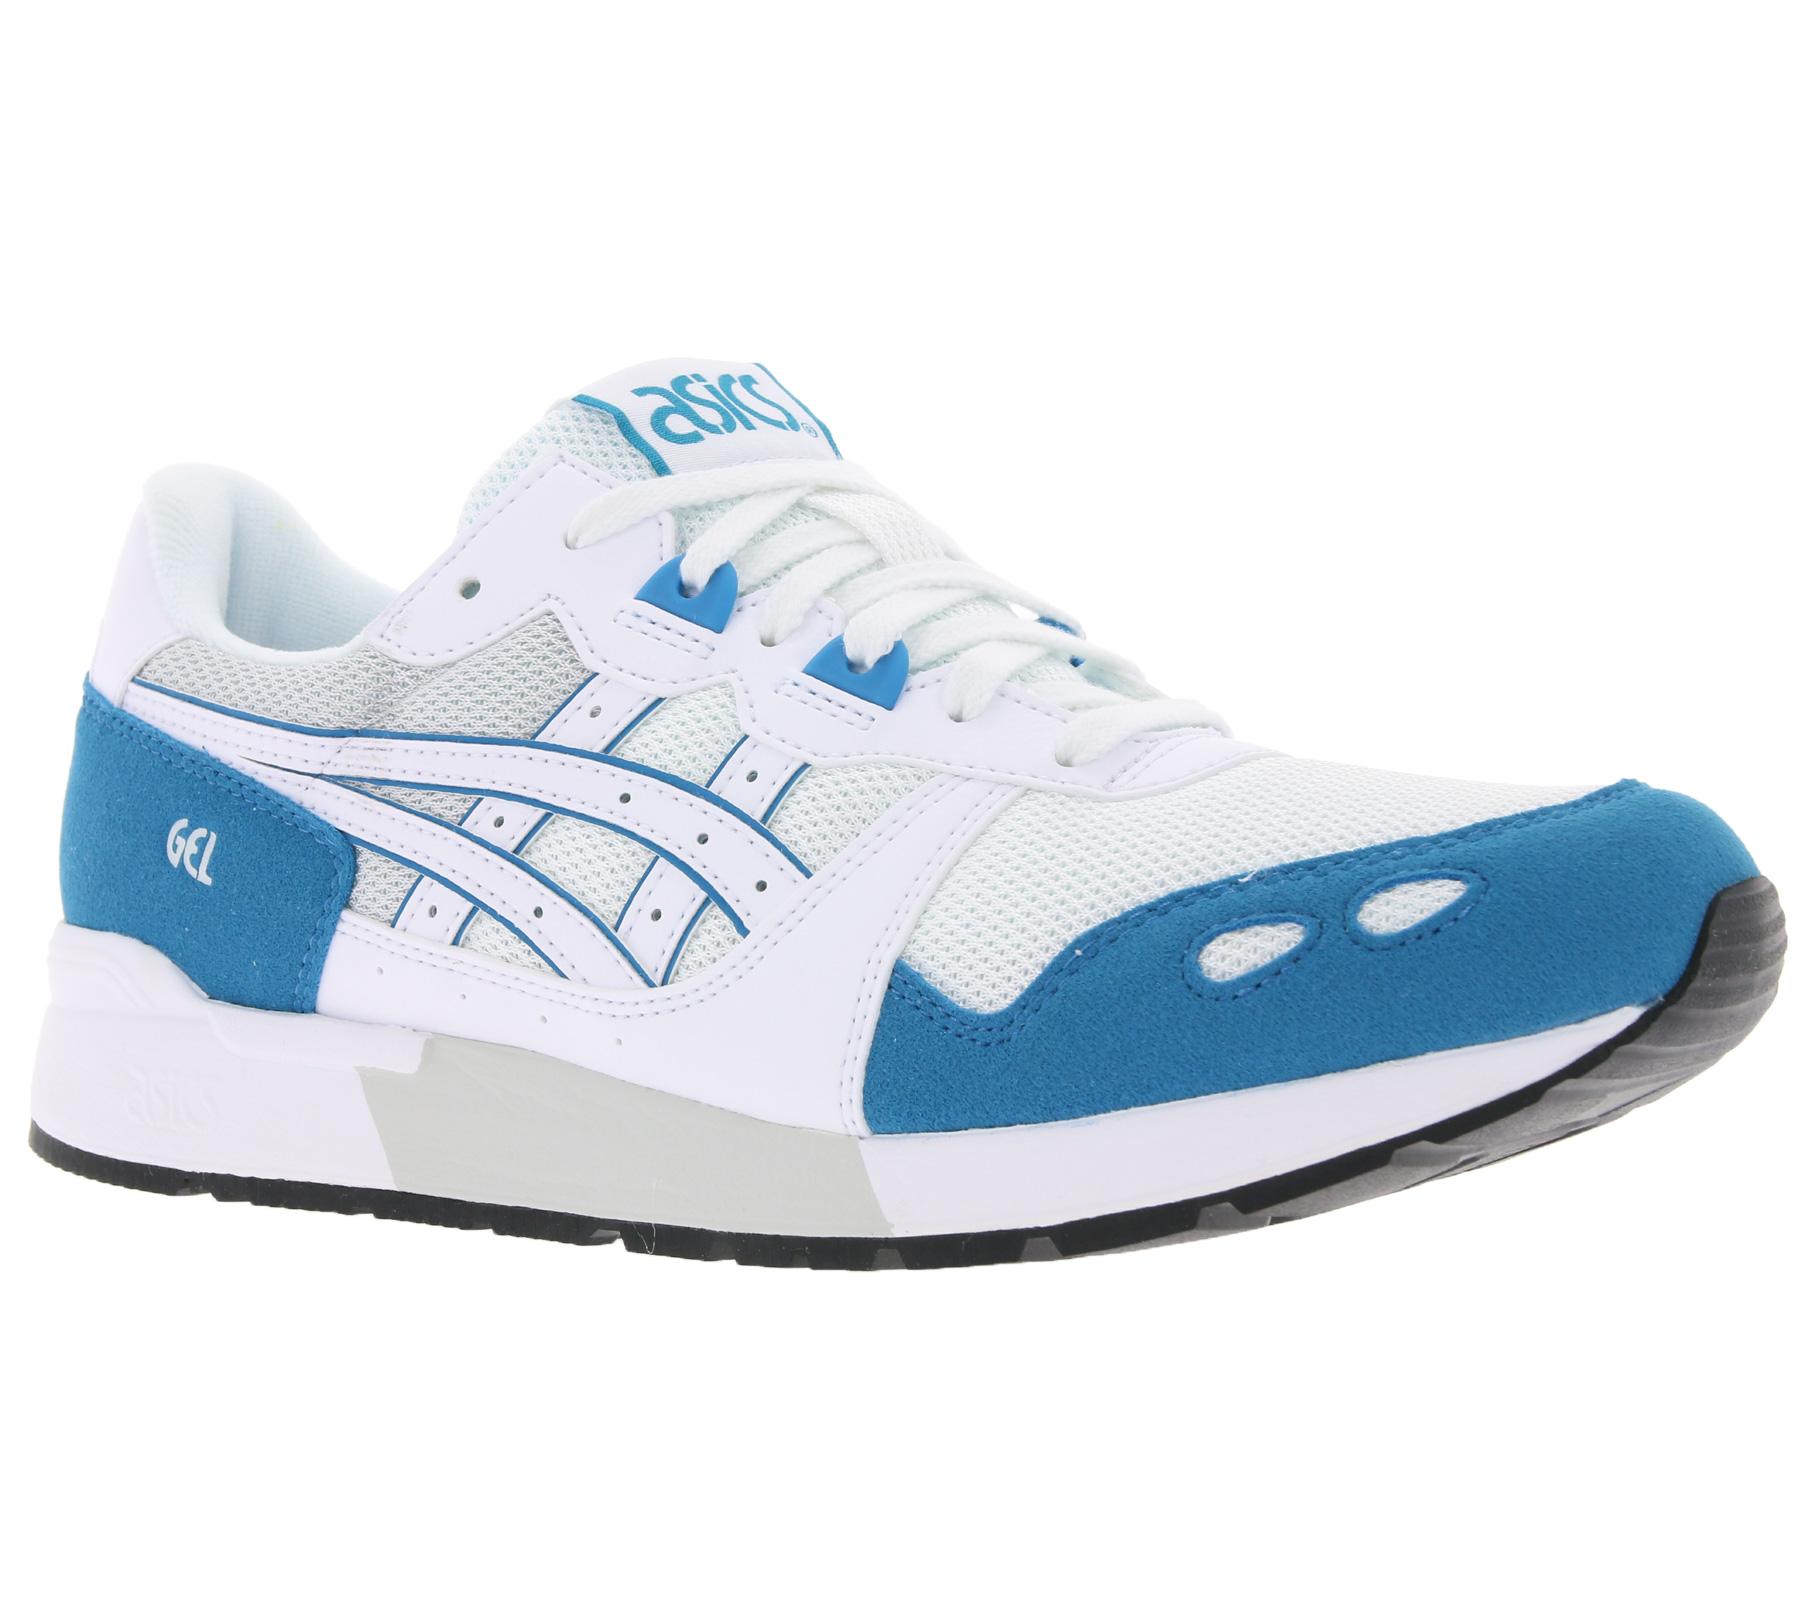 half off 73c25 2bb0b Details zu asics Schuhe trendige Turnschuhe Sneaker Gel-Lyte Freizeitschuhe  Weiß/Blau